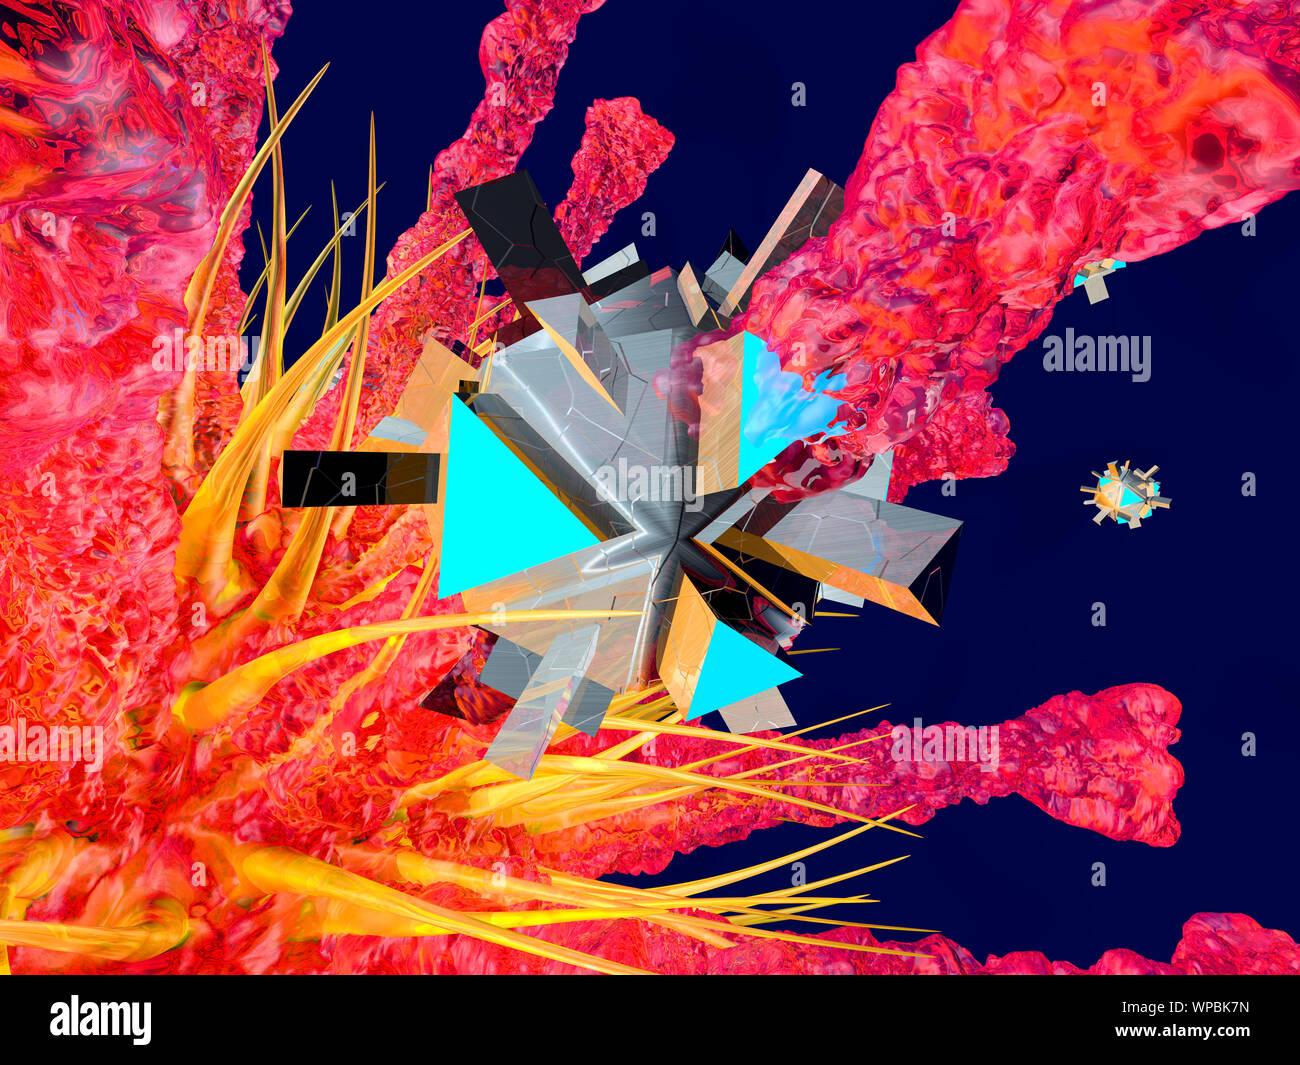 Rendu 3D Illustration d'un Nano une attaque de virus dans le corps humain. Banque D'Images